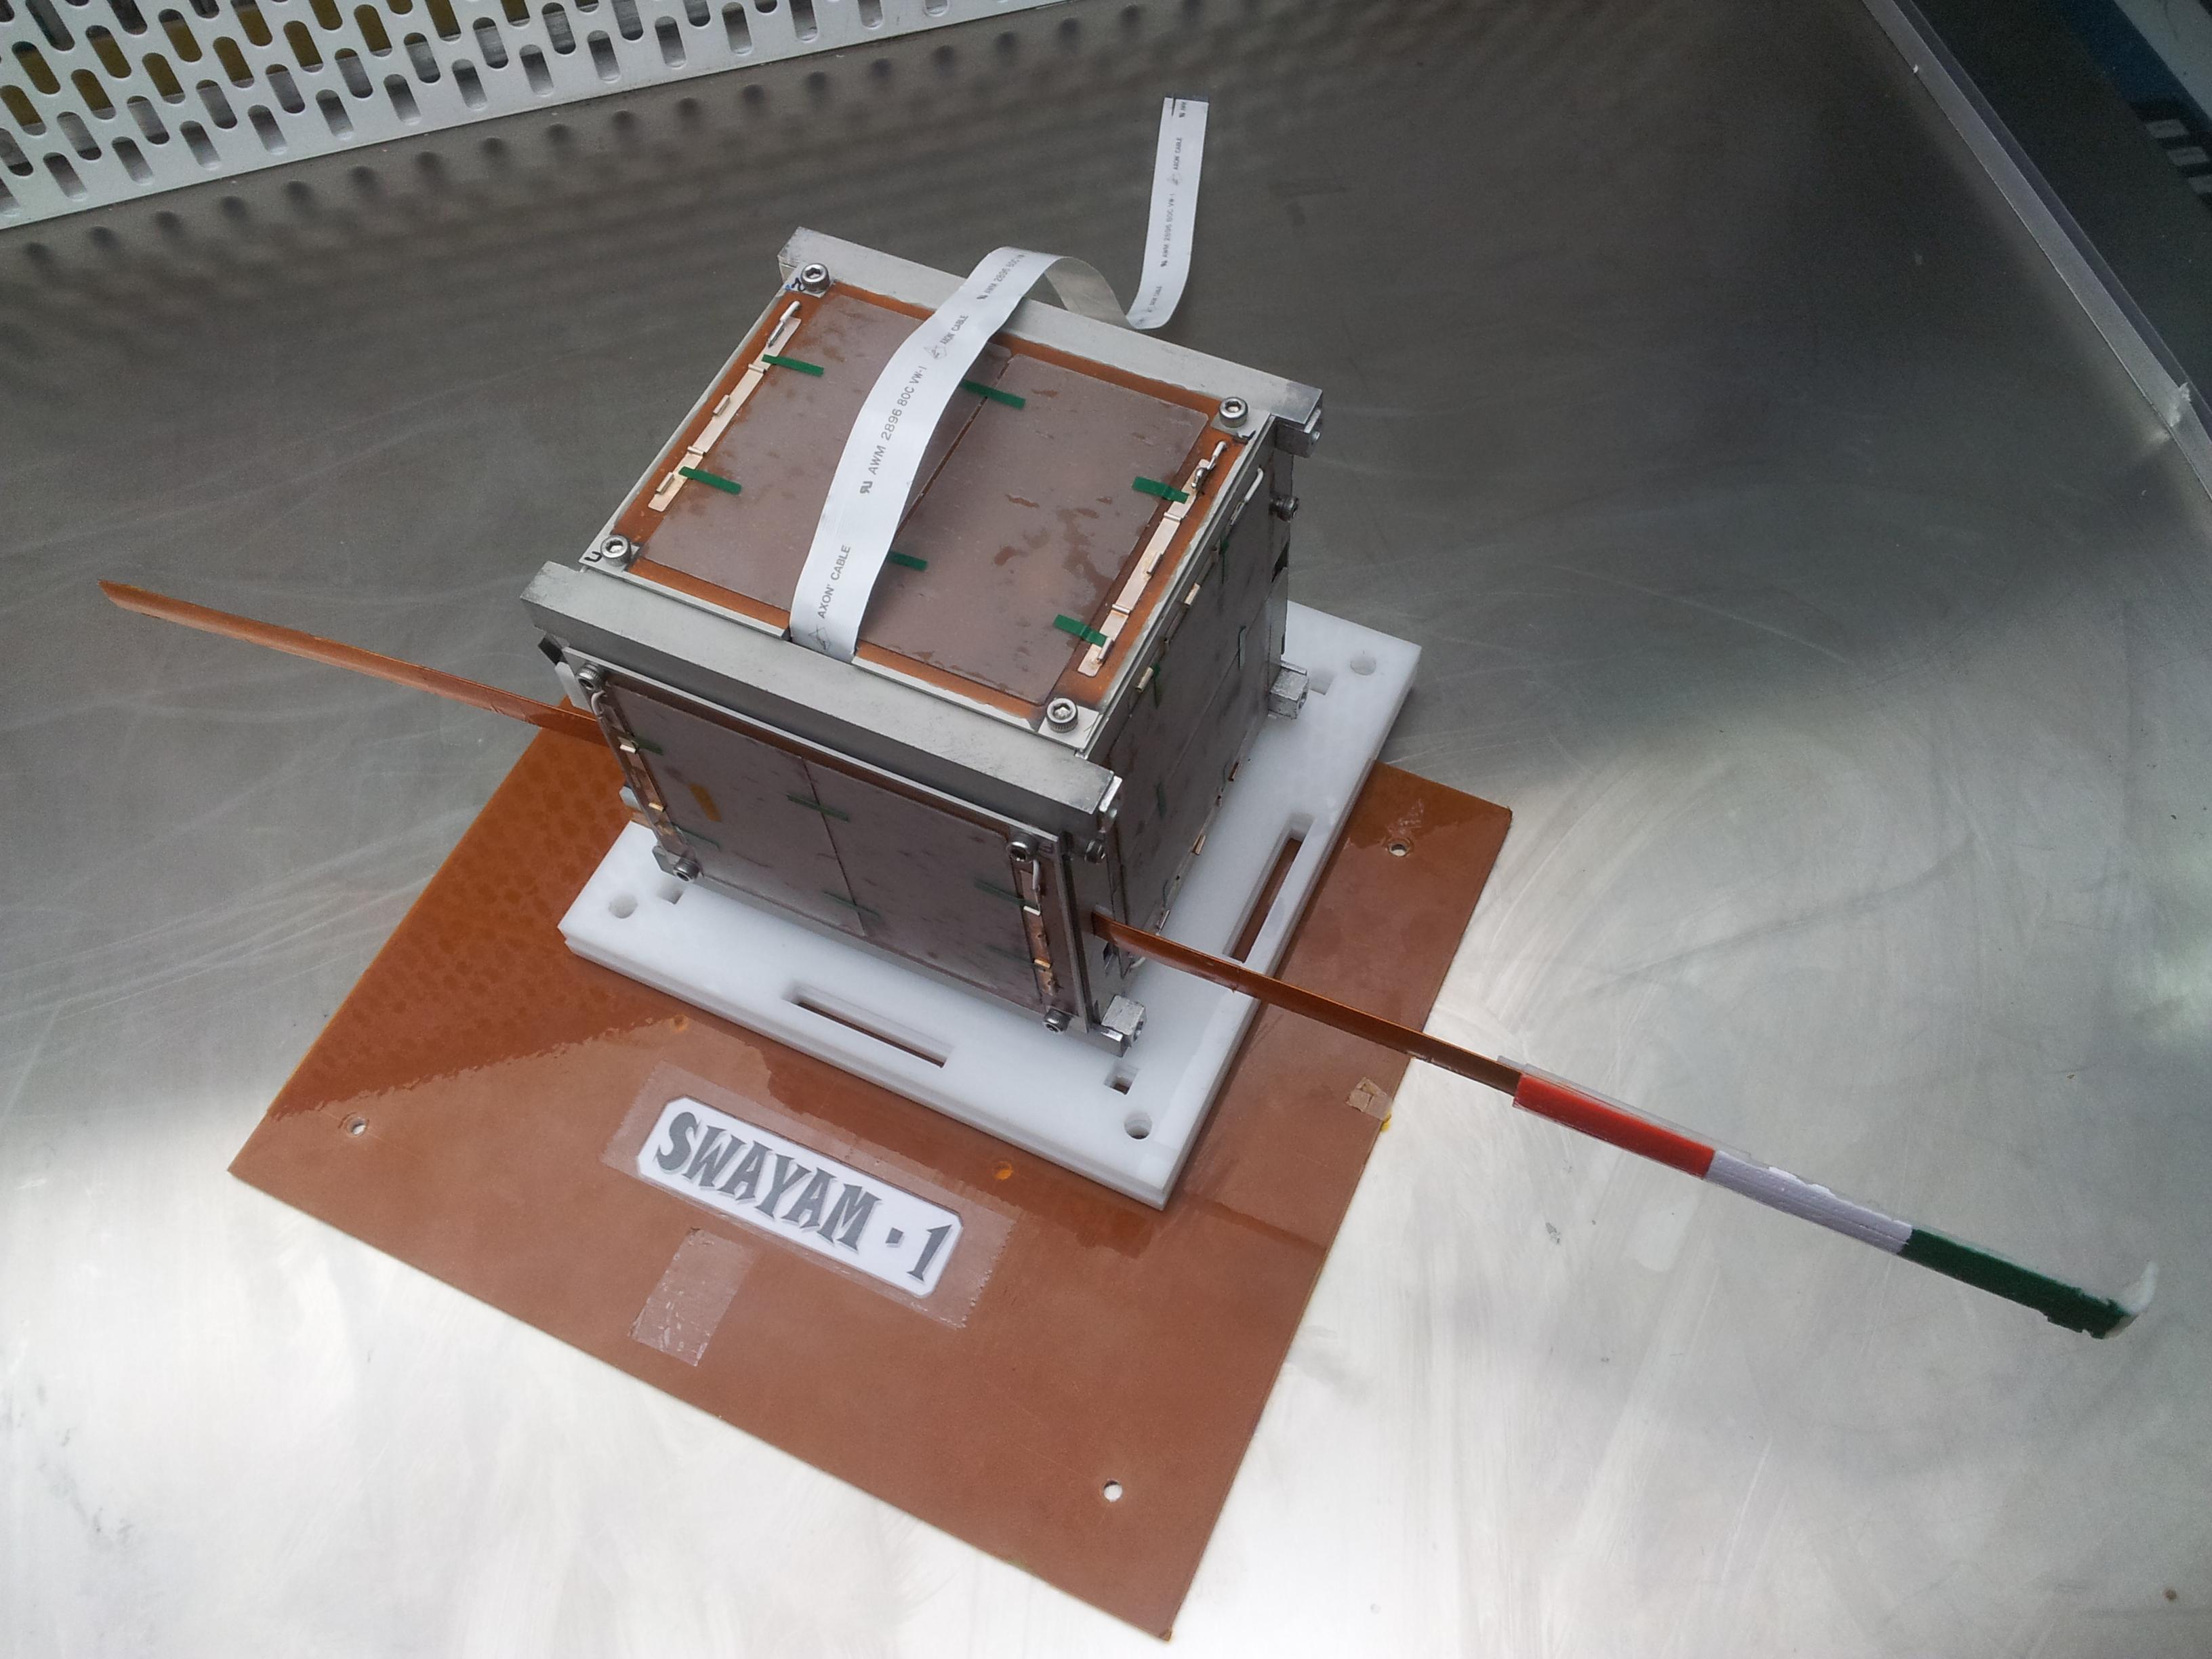 Swayam Cubesat